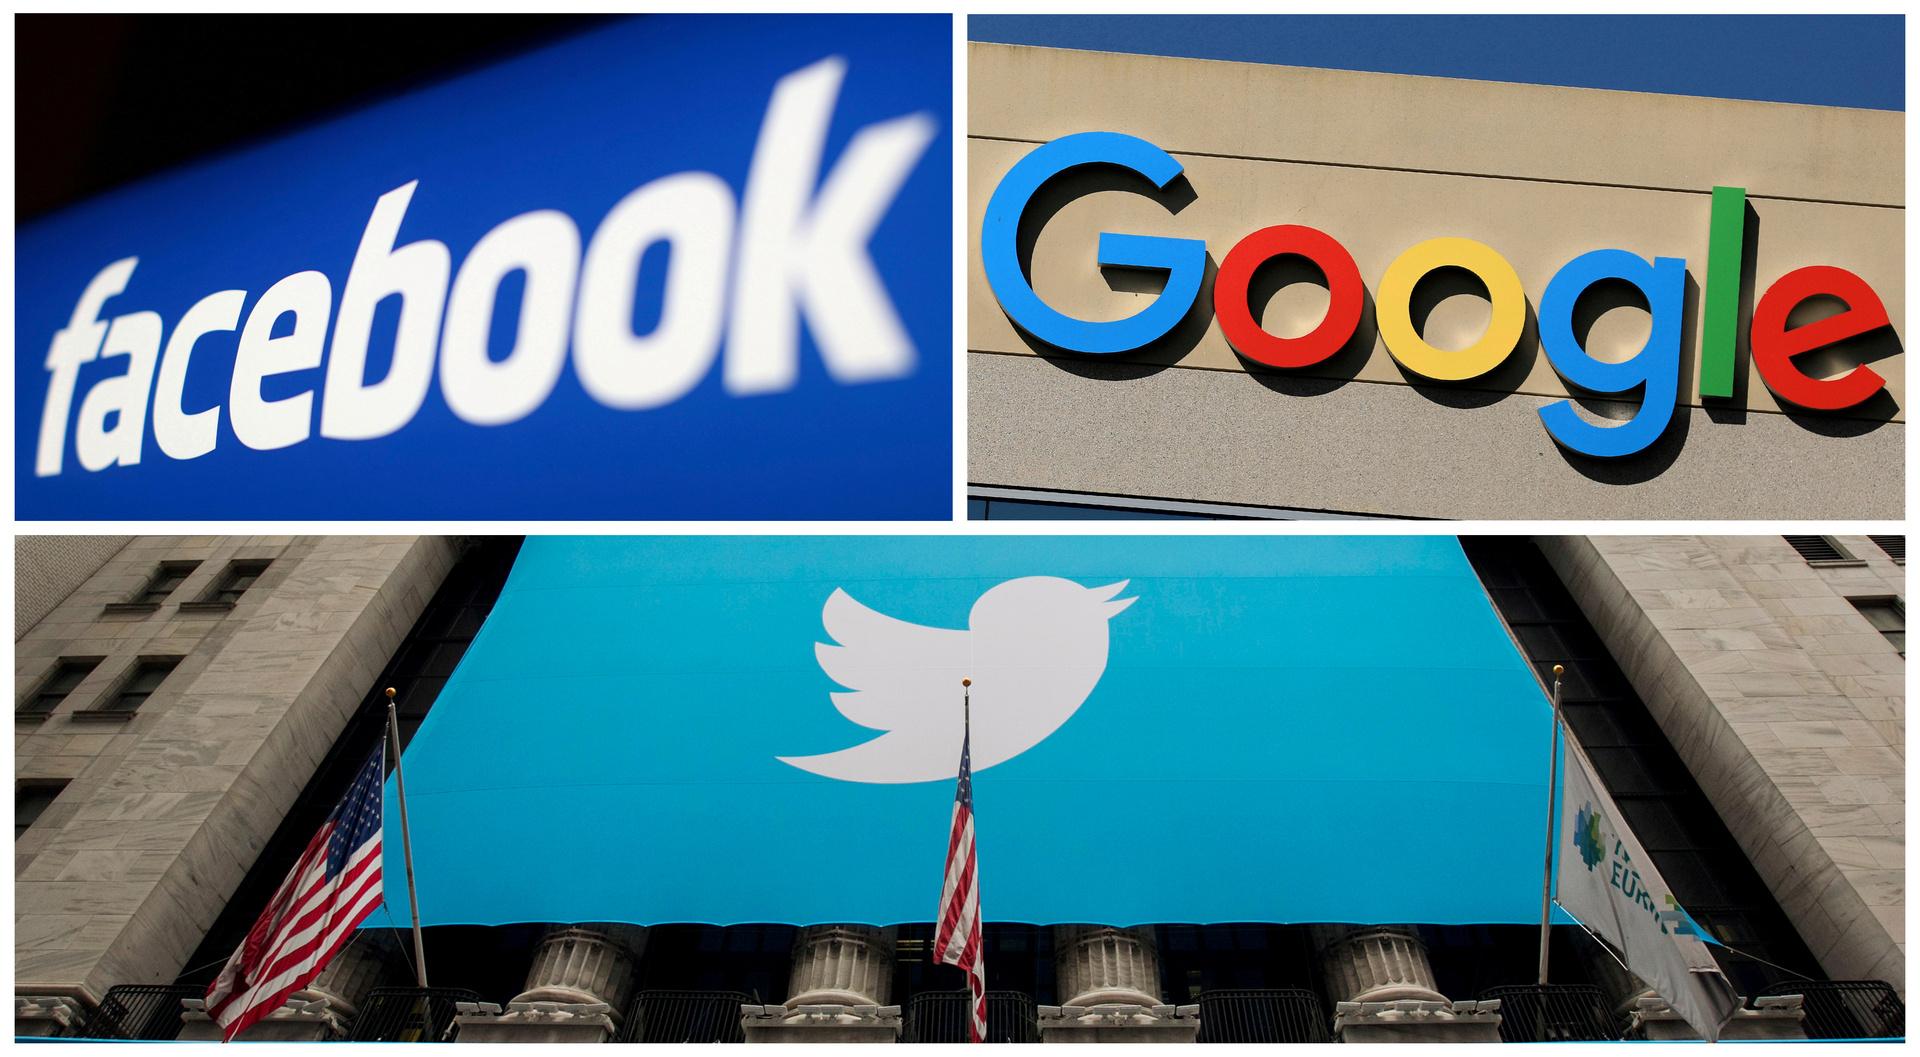 تويتر وفيسبوك وغوغل مهددة بدفع ملايين الروبلات لانتهاكها قواعد النشر في روسيا